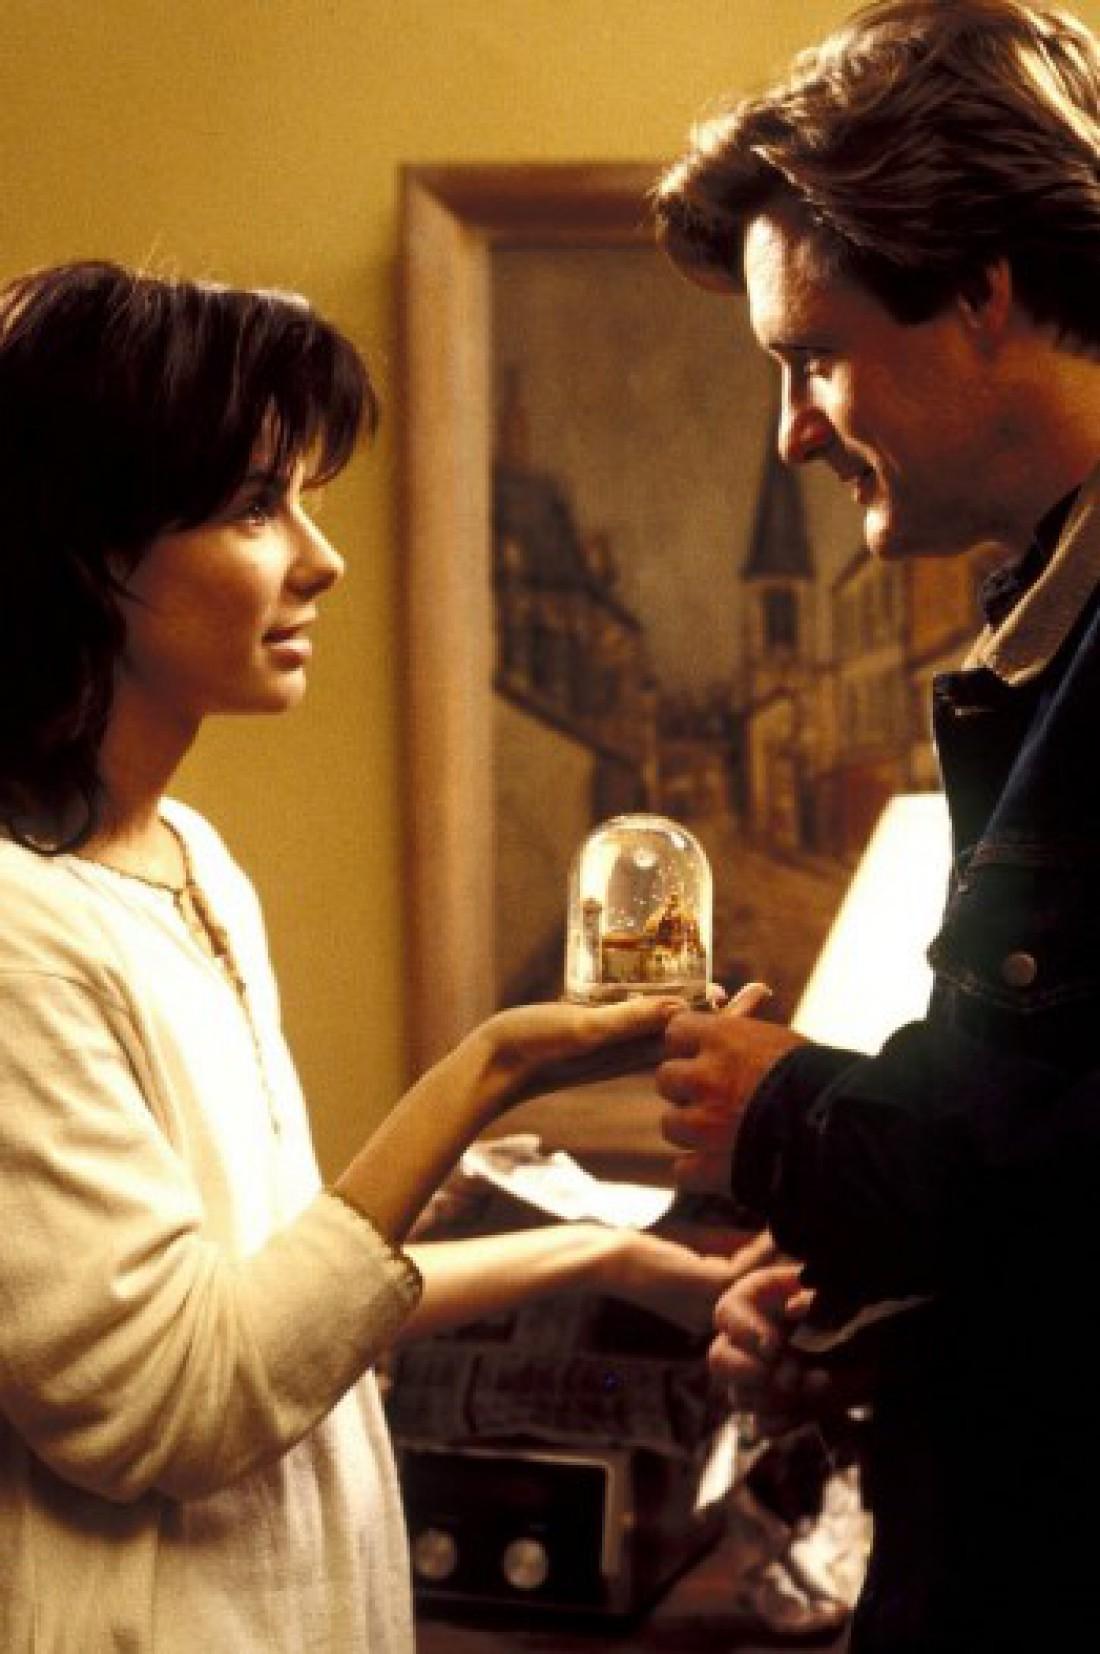 ТОП-7 фильмов для создания романтического новогоднего настроения